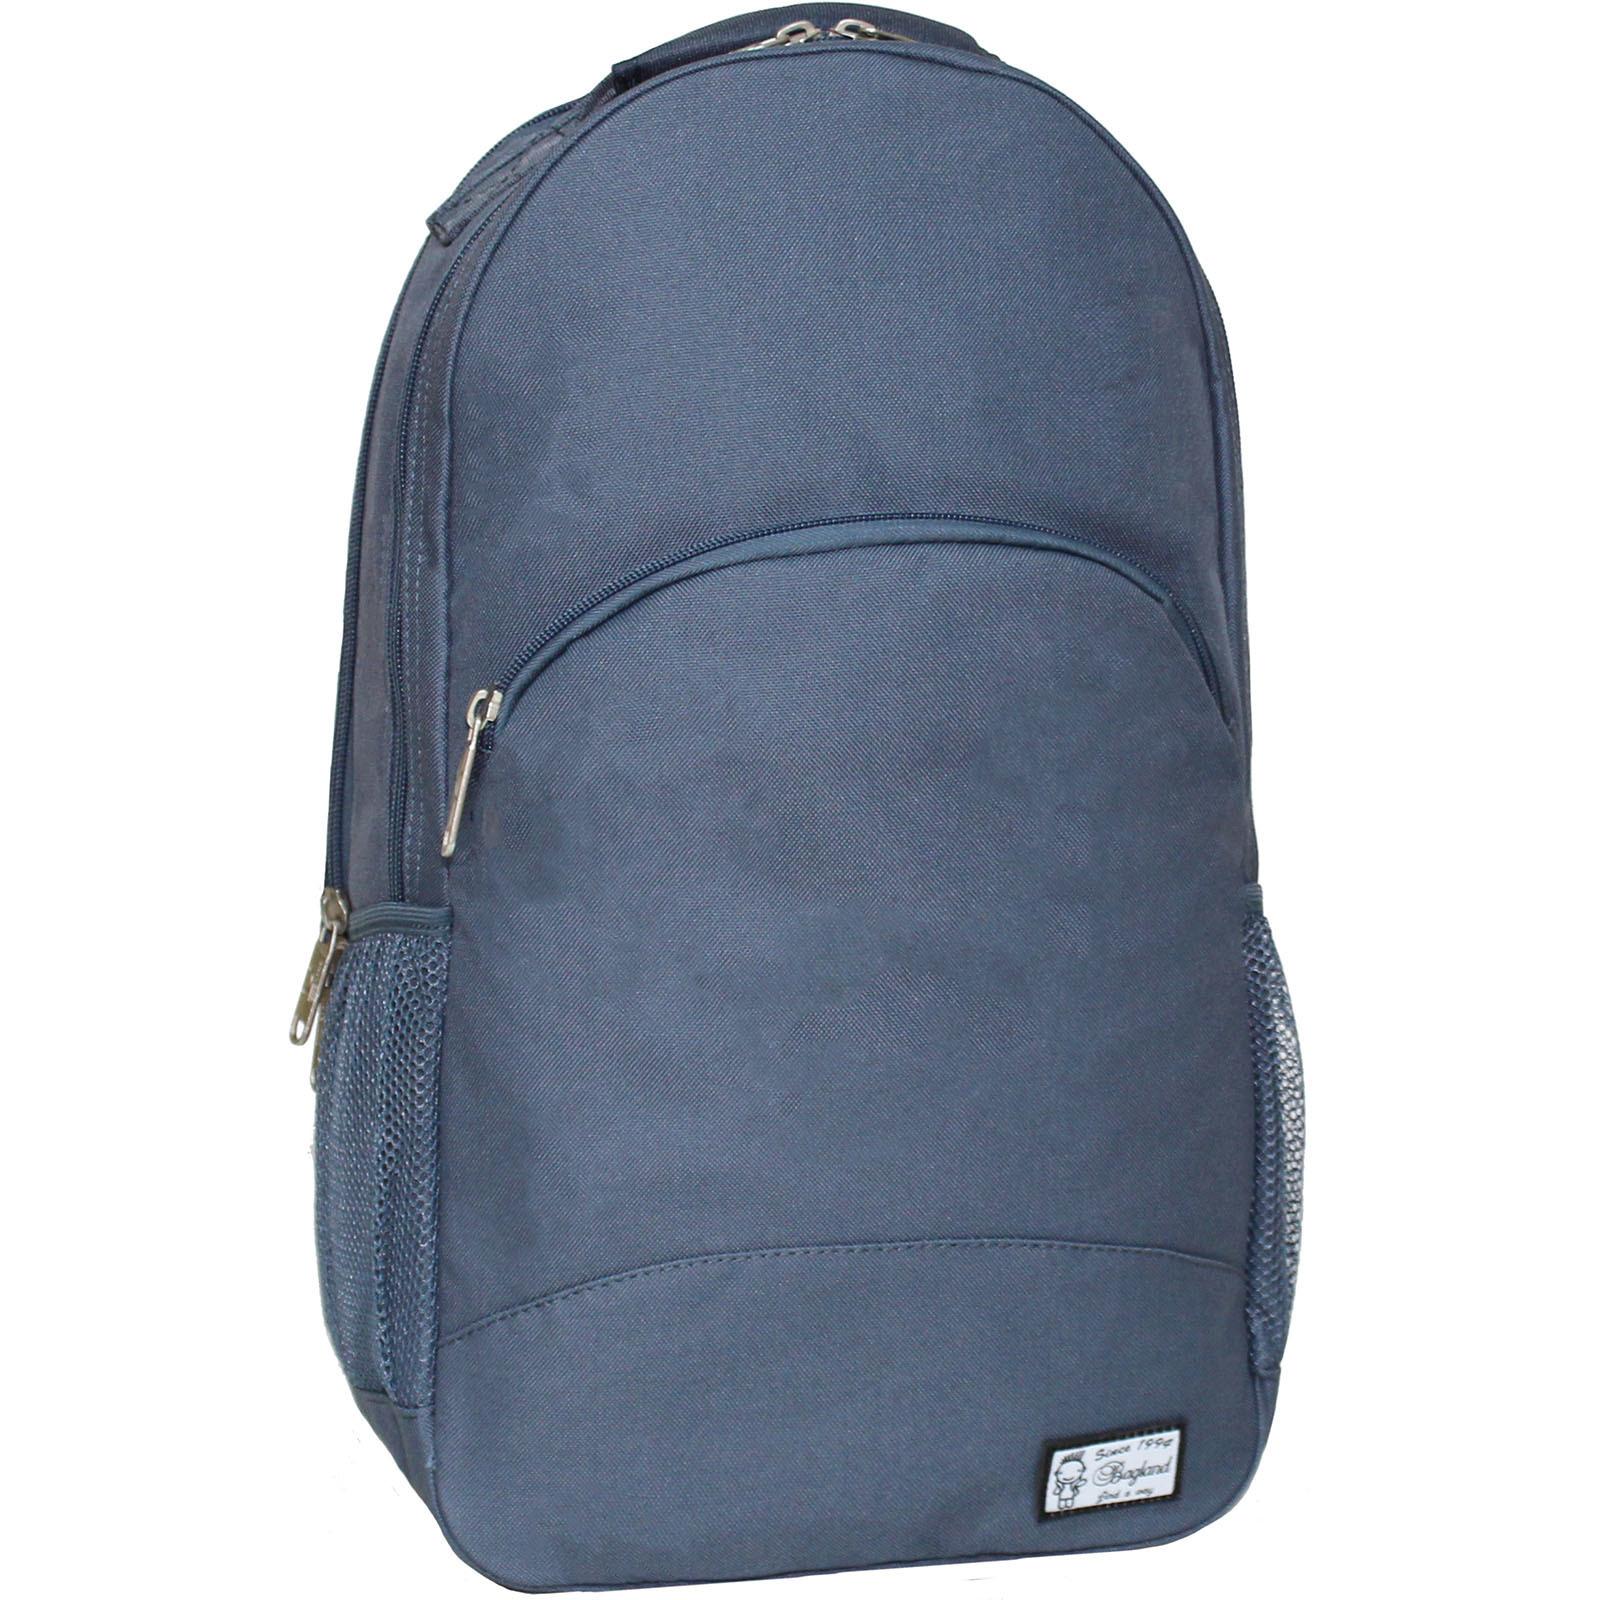 Городские рюкзаки Рюкзак Bagland UltraMax 20 л. Темно серый (00534662) IMG_1591.JPG